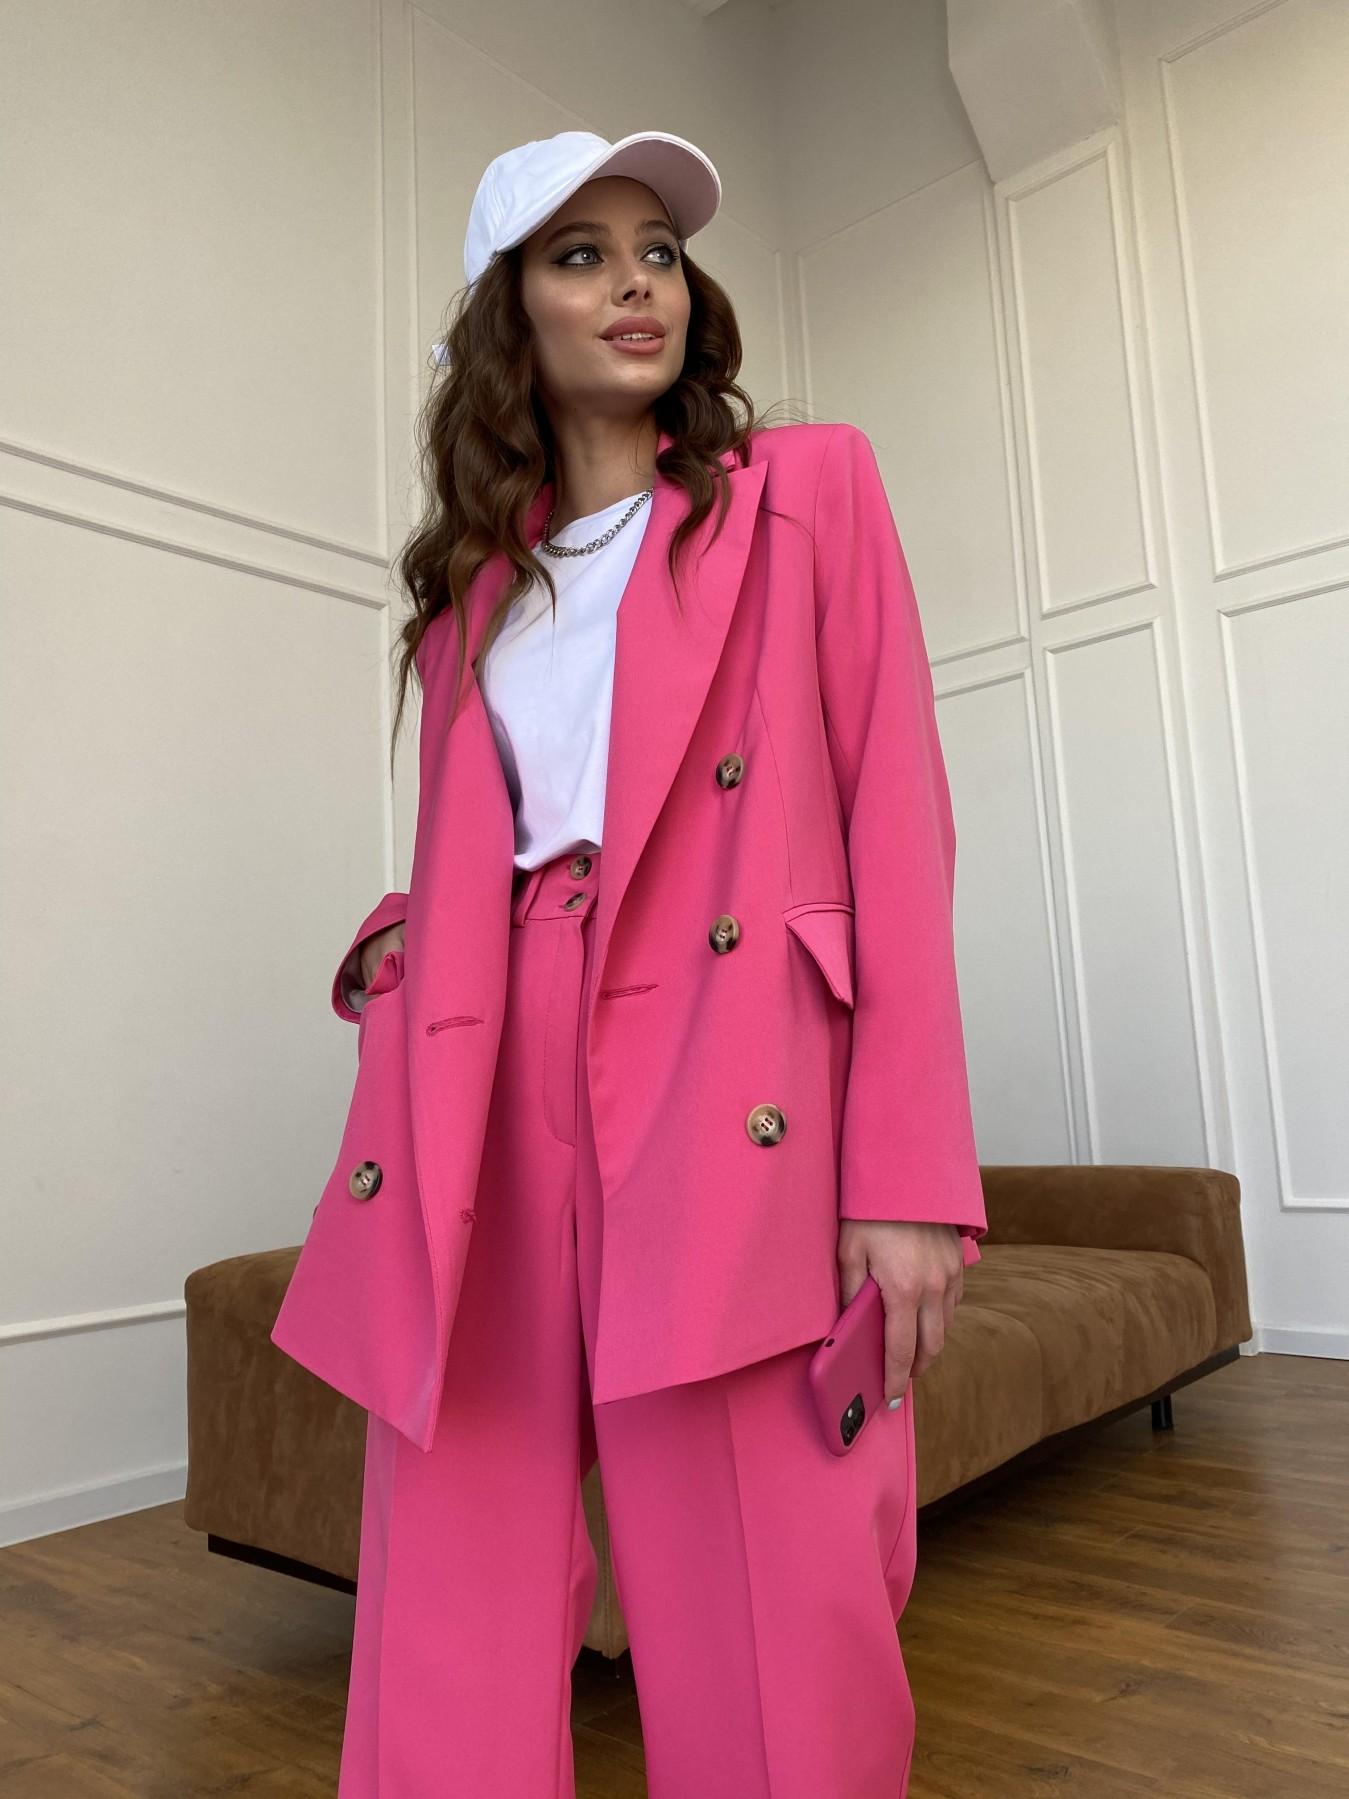 Белисимо  костюм стрейч из костюмной ткани 11217 АРТ. 47720 Цвет: Малиновый - фото 9, интернет магазин tm-modus.ru